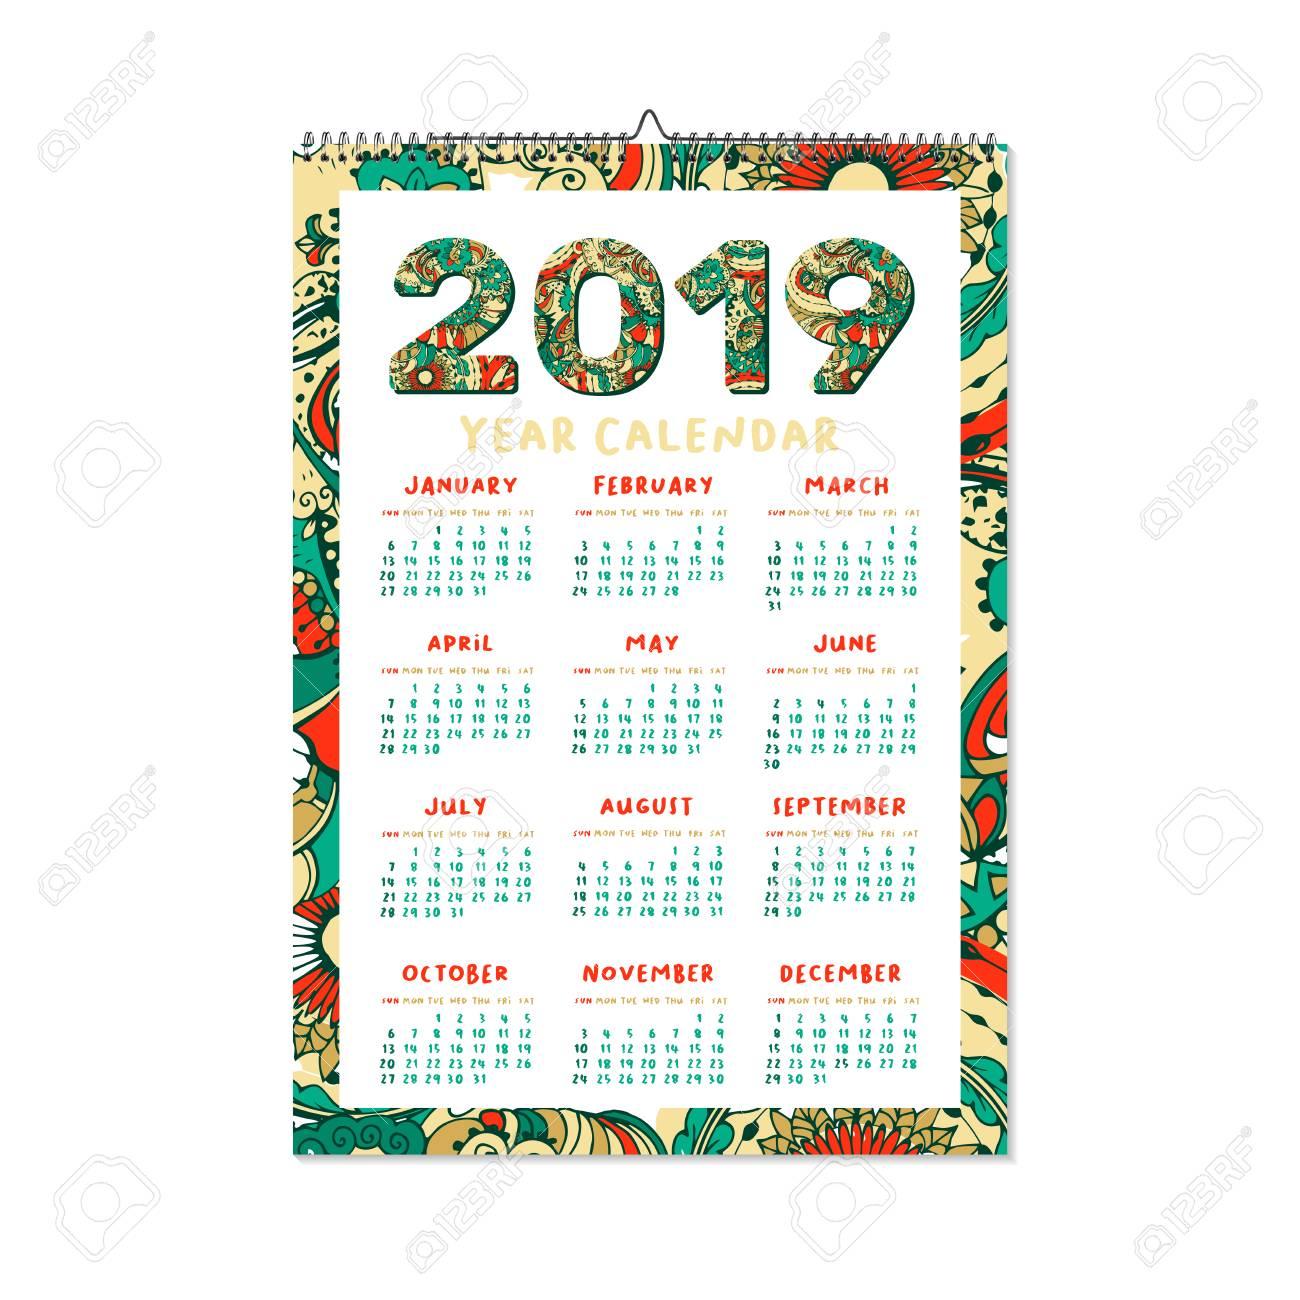 New Year Calendar 2019 2019 Year Calendar. Xmas Or Happy New Year Holiday Design